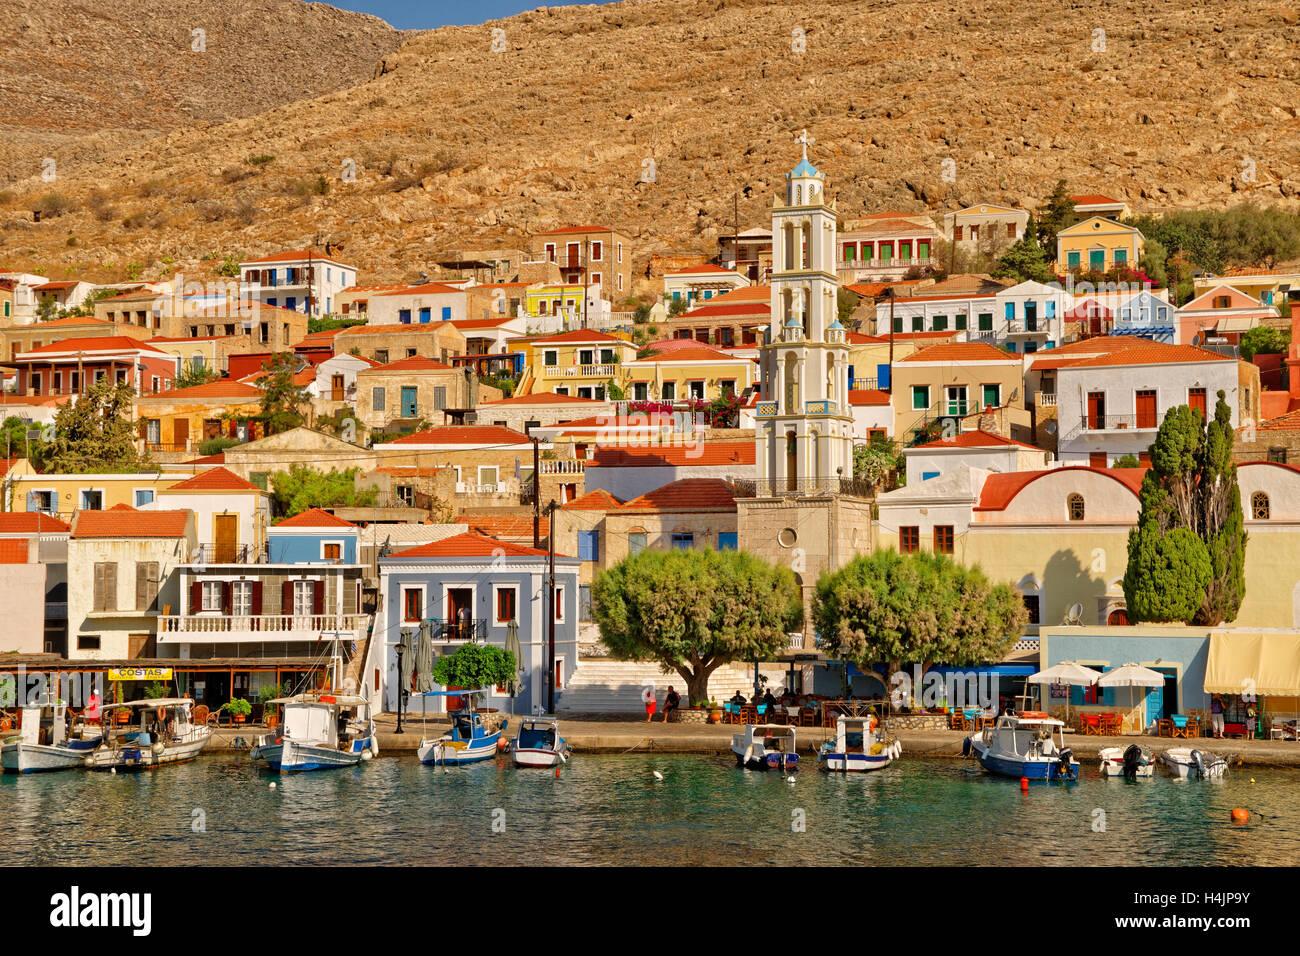 Chalki ville sur l'île grecque de l'île de Chalki située au large de la côte nord de Photo Stock